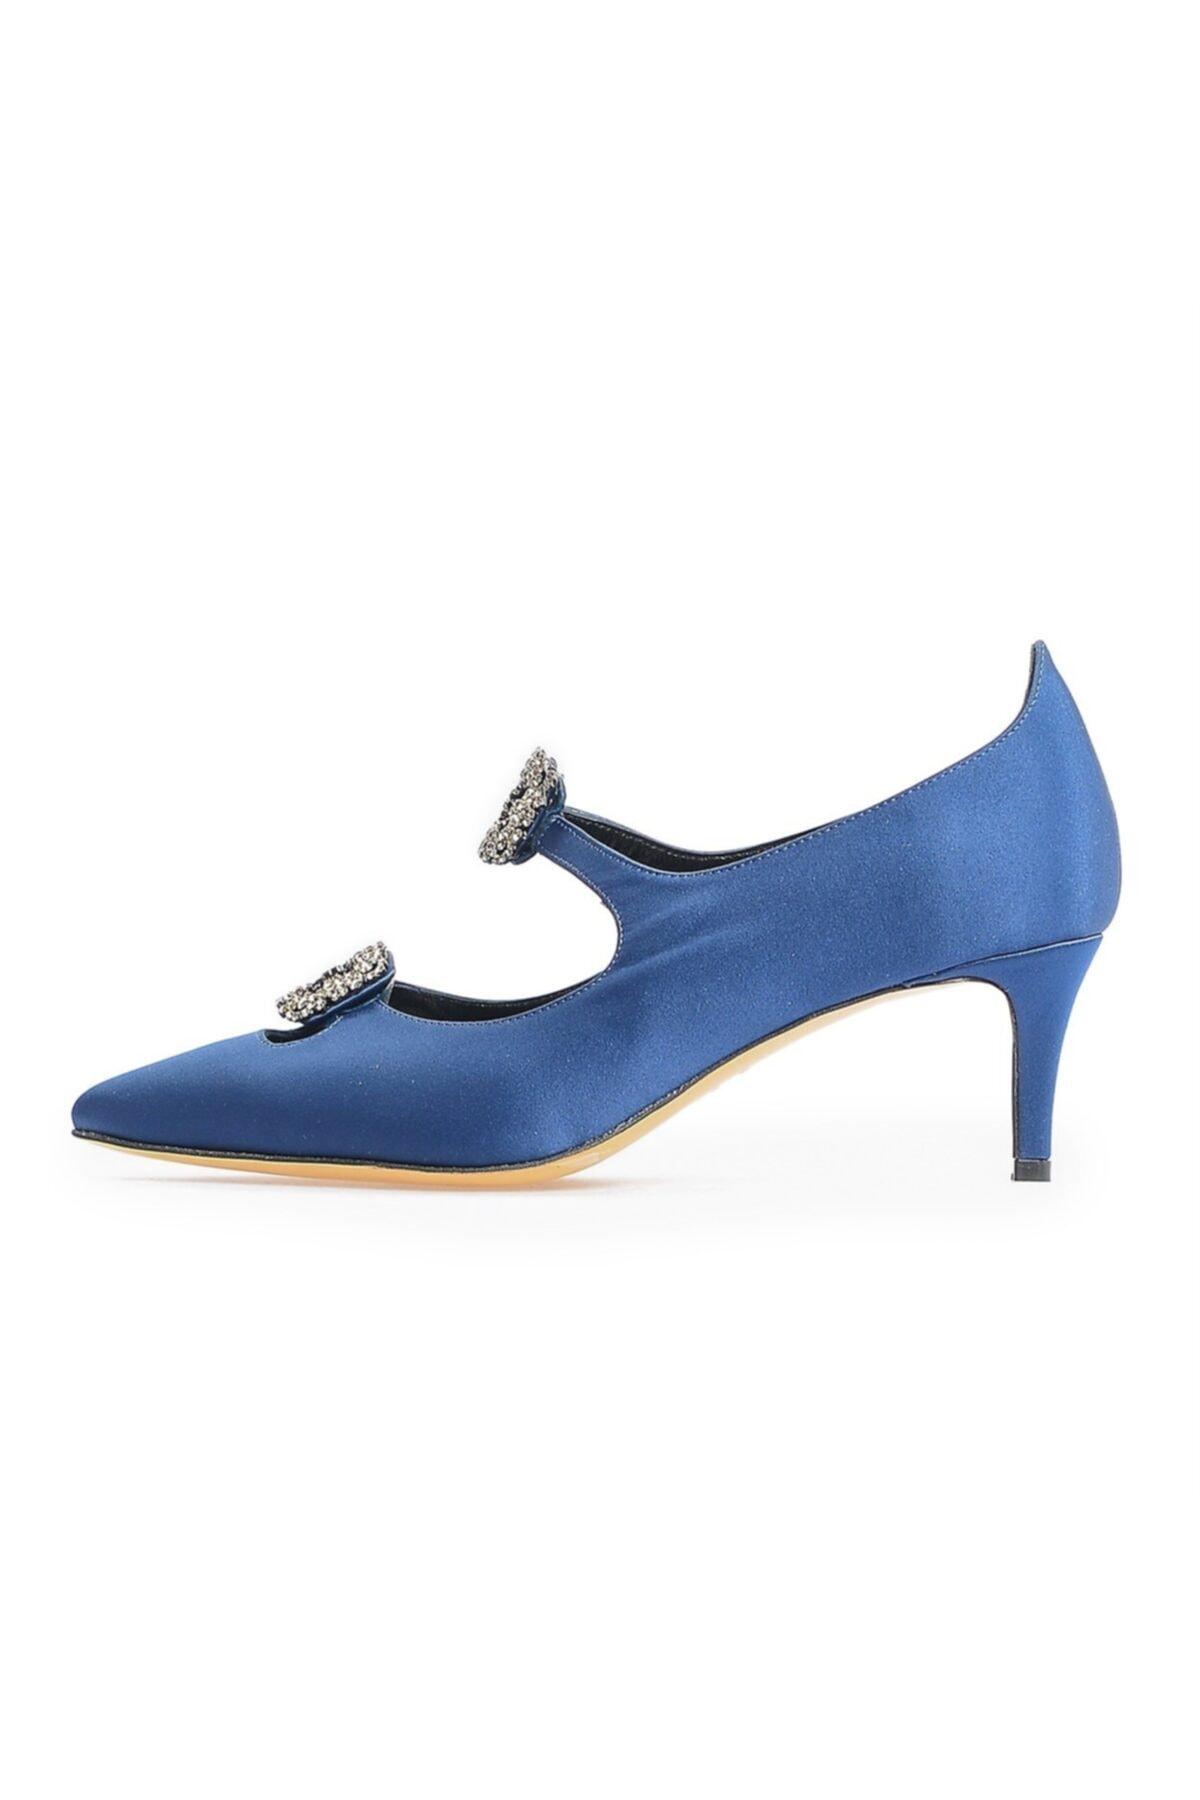 Flower Lacivert Çift Tokalı Ayakkabı 2